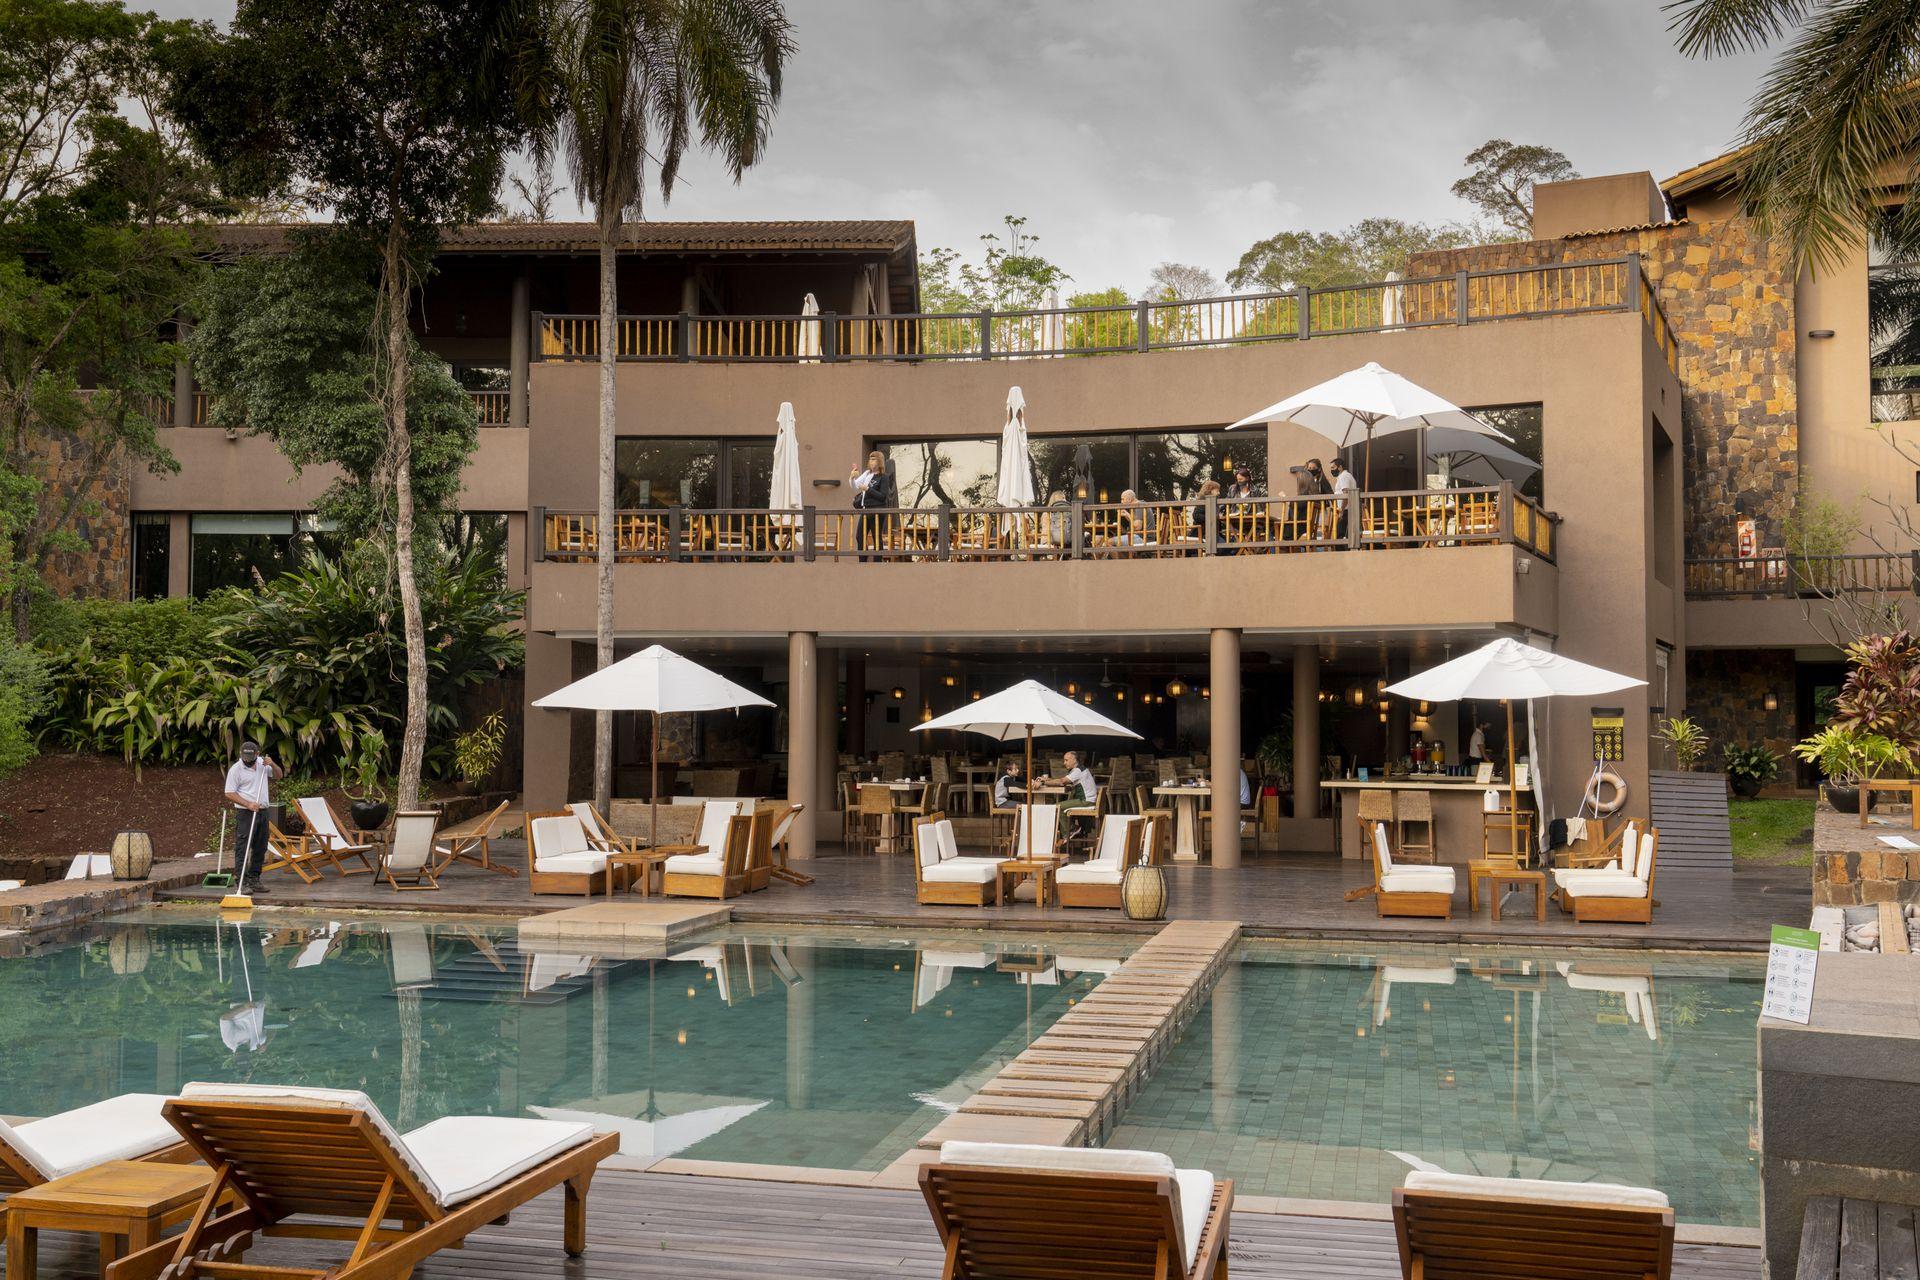 El Hotel Loi Suites Cataratas está inmerso en la selva, tiene habitaciones amplias y servicios de primer nivel.